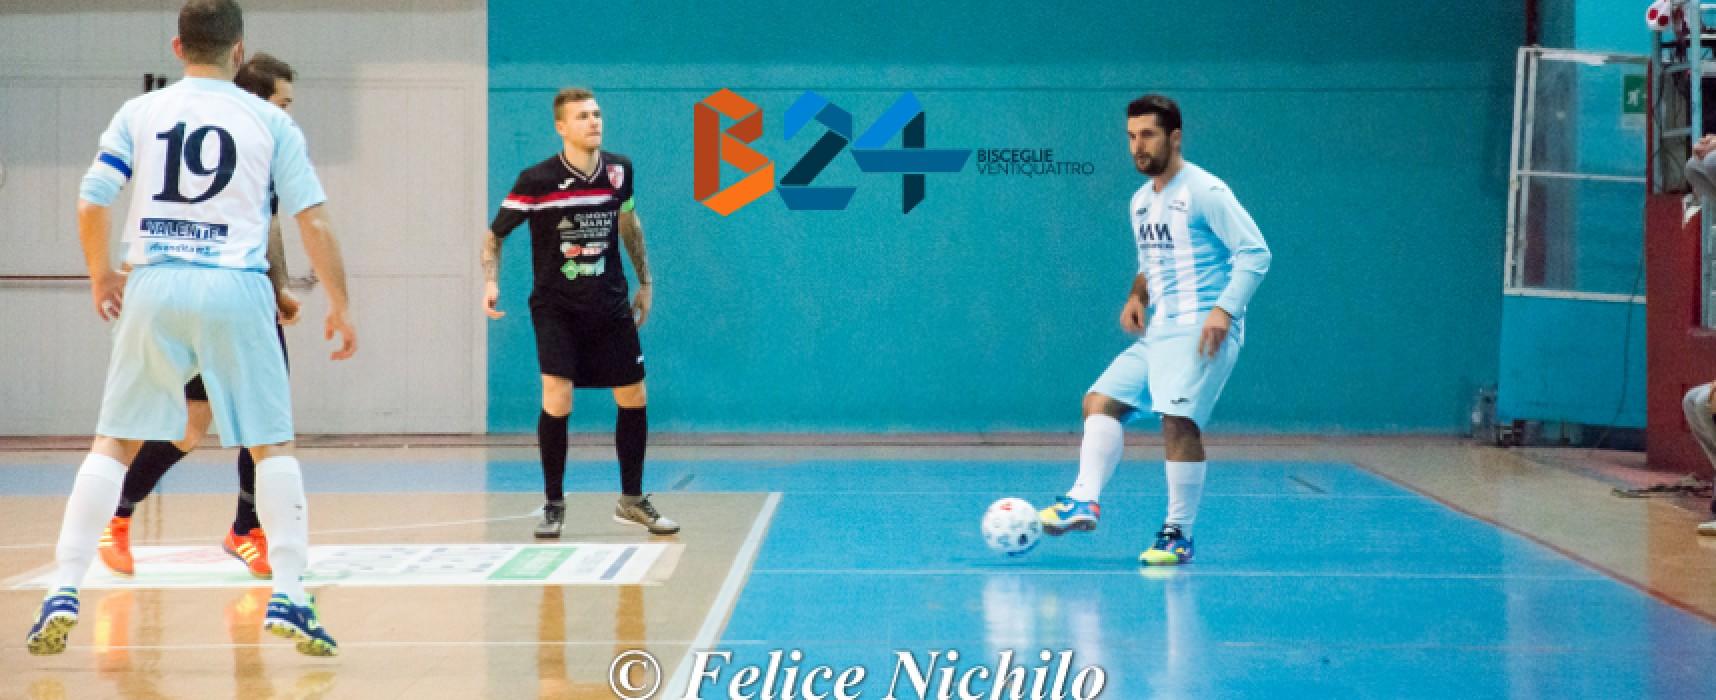 Futsal, Serie C1: vince il Nettuno, pari interno per la Diaz / RISULTATI e CLASSIFICA